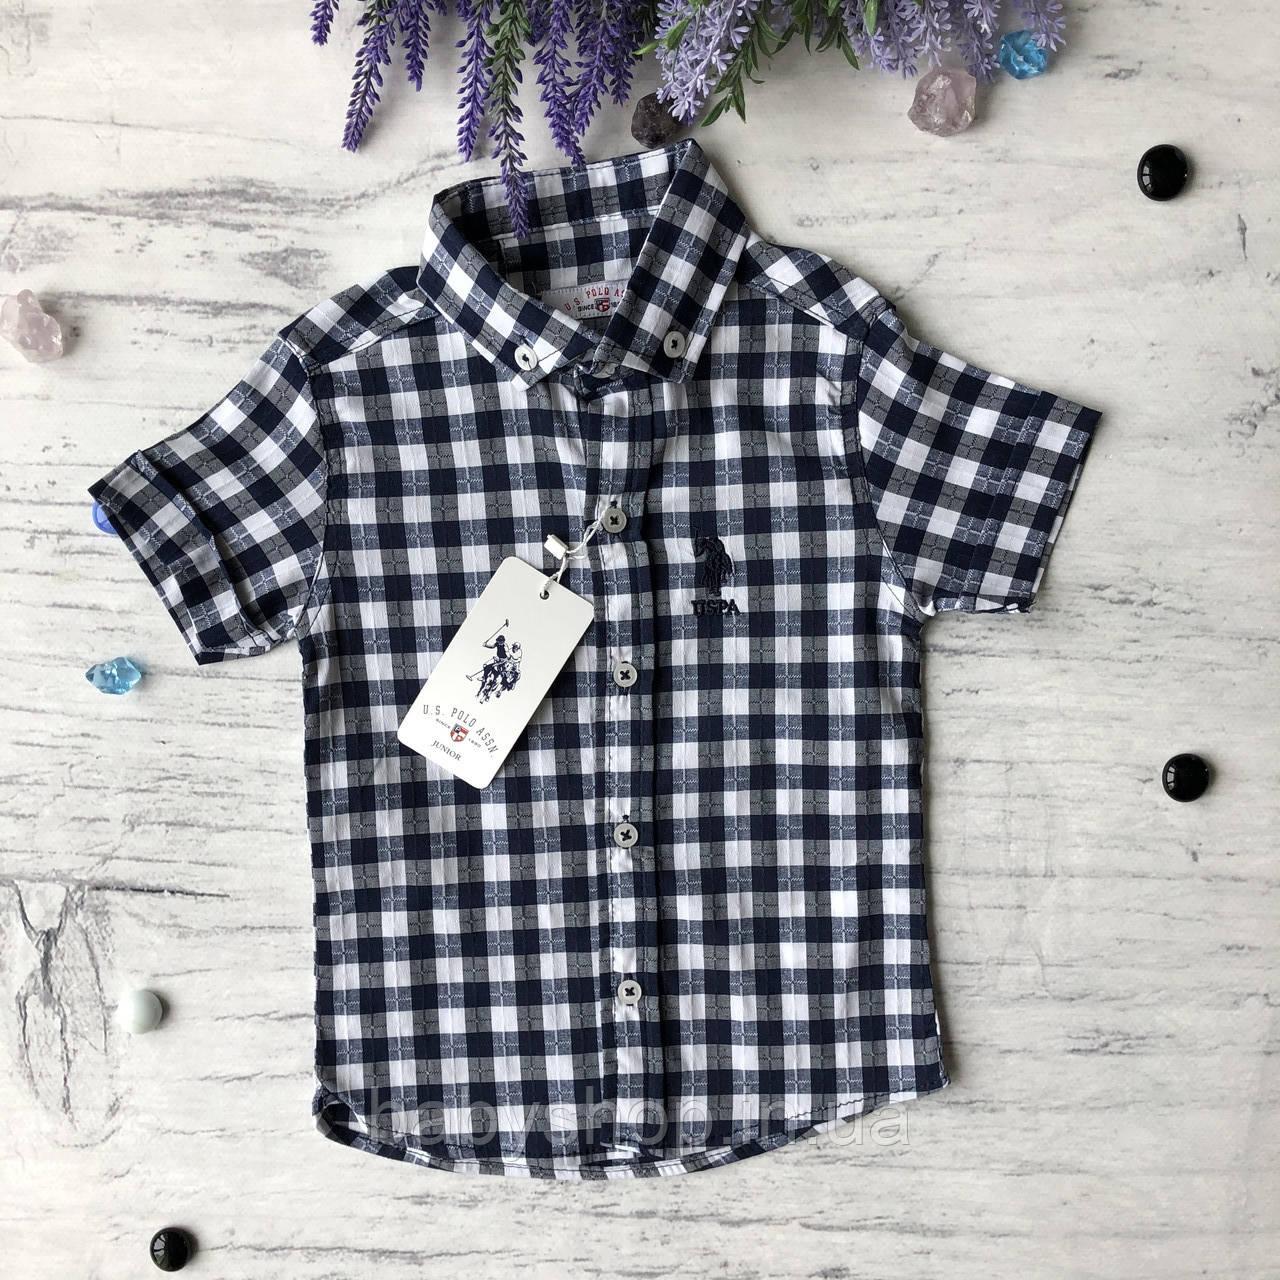 Летняя рубашка на мальчика 4. Размер 3 года, 4 года, 5 лет, 6 лет, 7 лет, 8 лет, 9 лет,11 лет, 12 лет